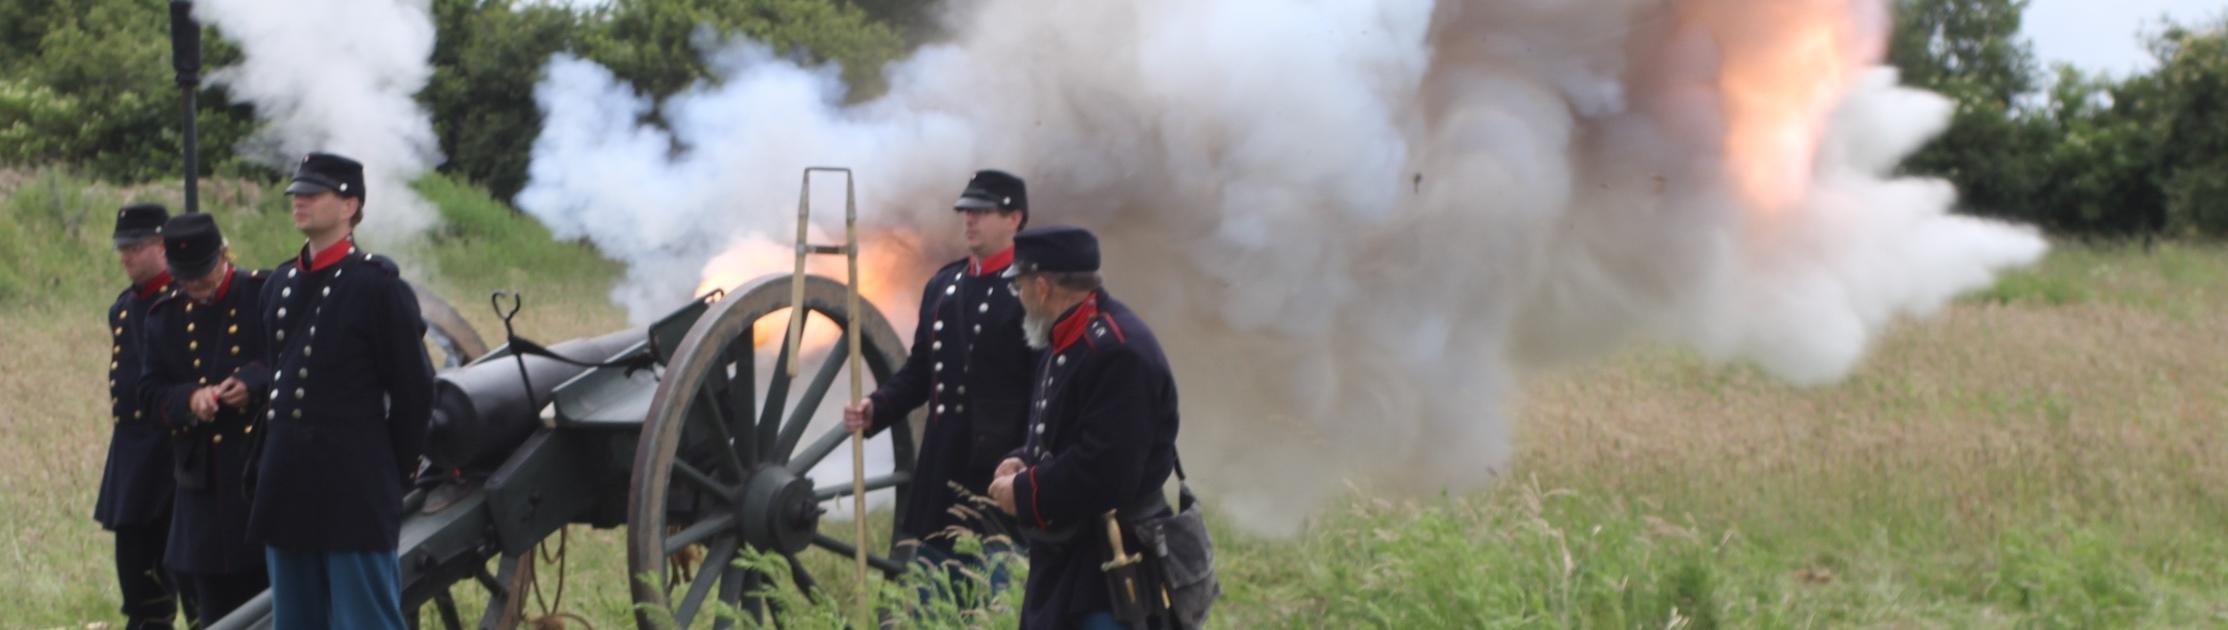 Slaget om Dybbøl i 1864